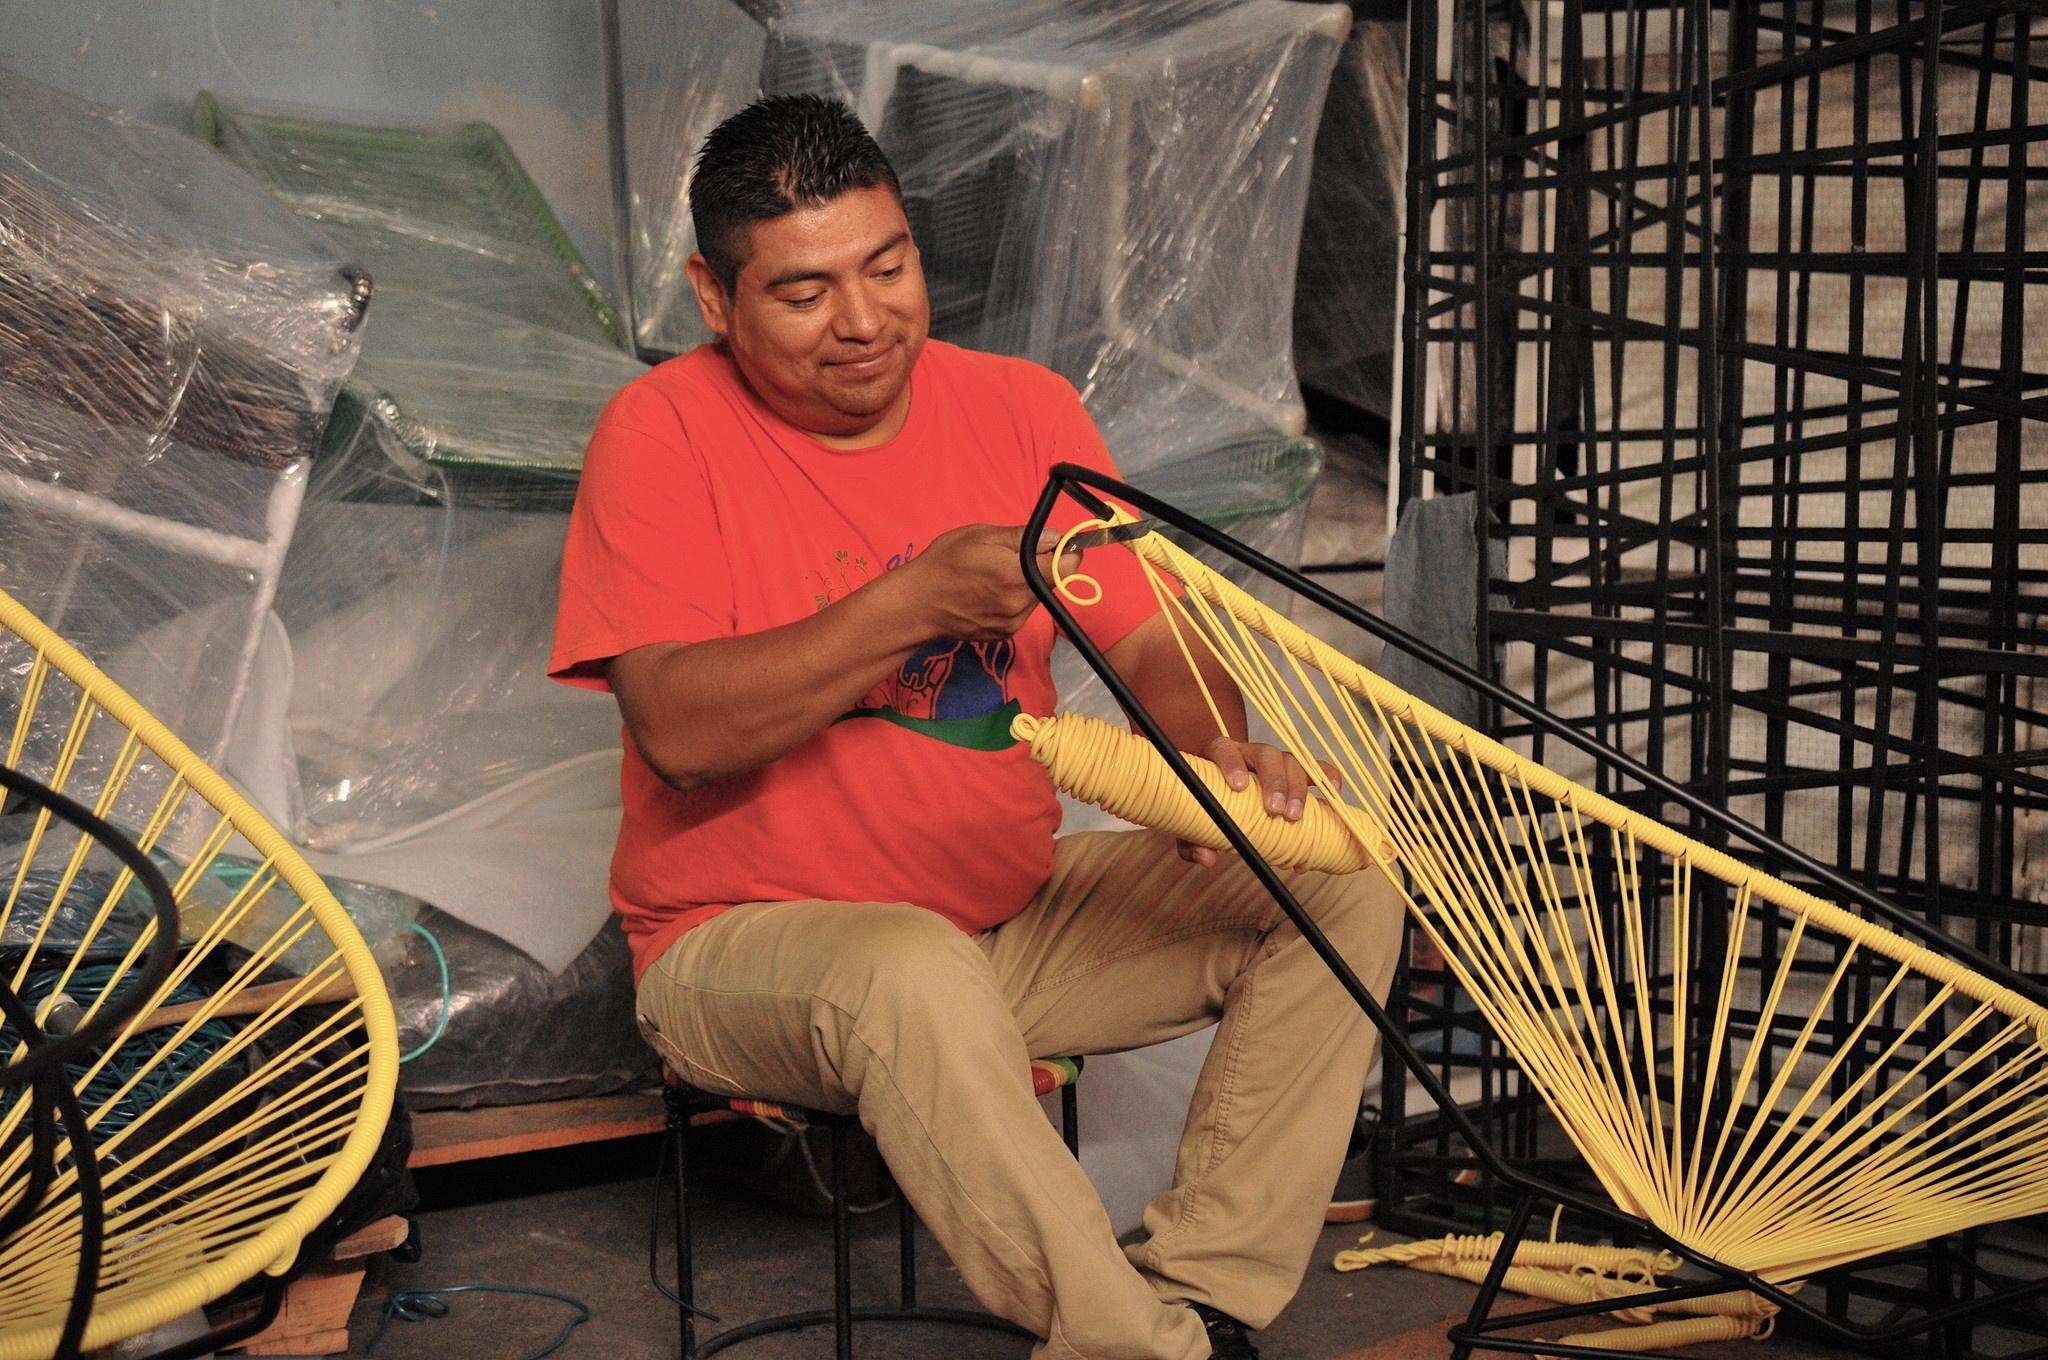 De originele Acapulco stoel: hoe het gemaakt wordt